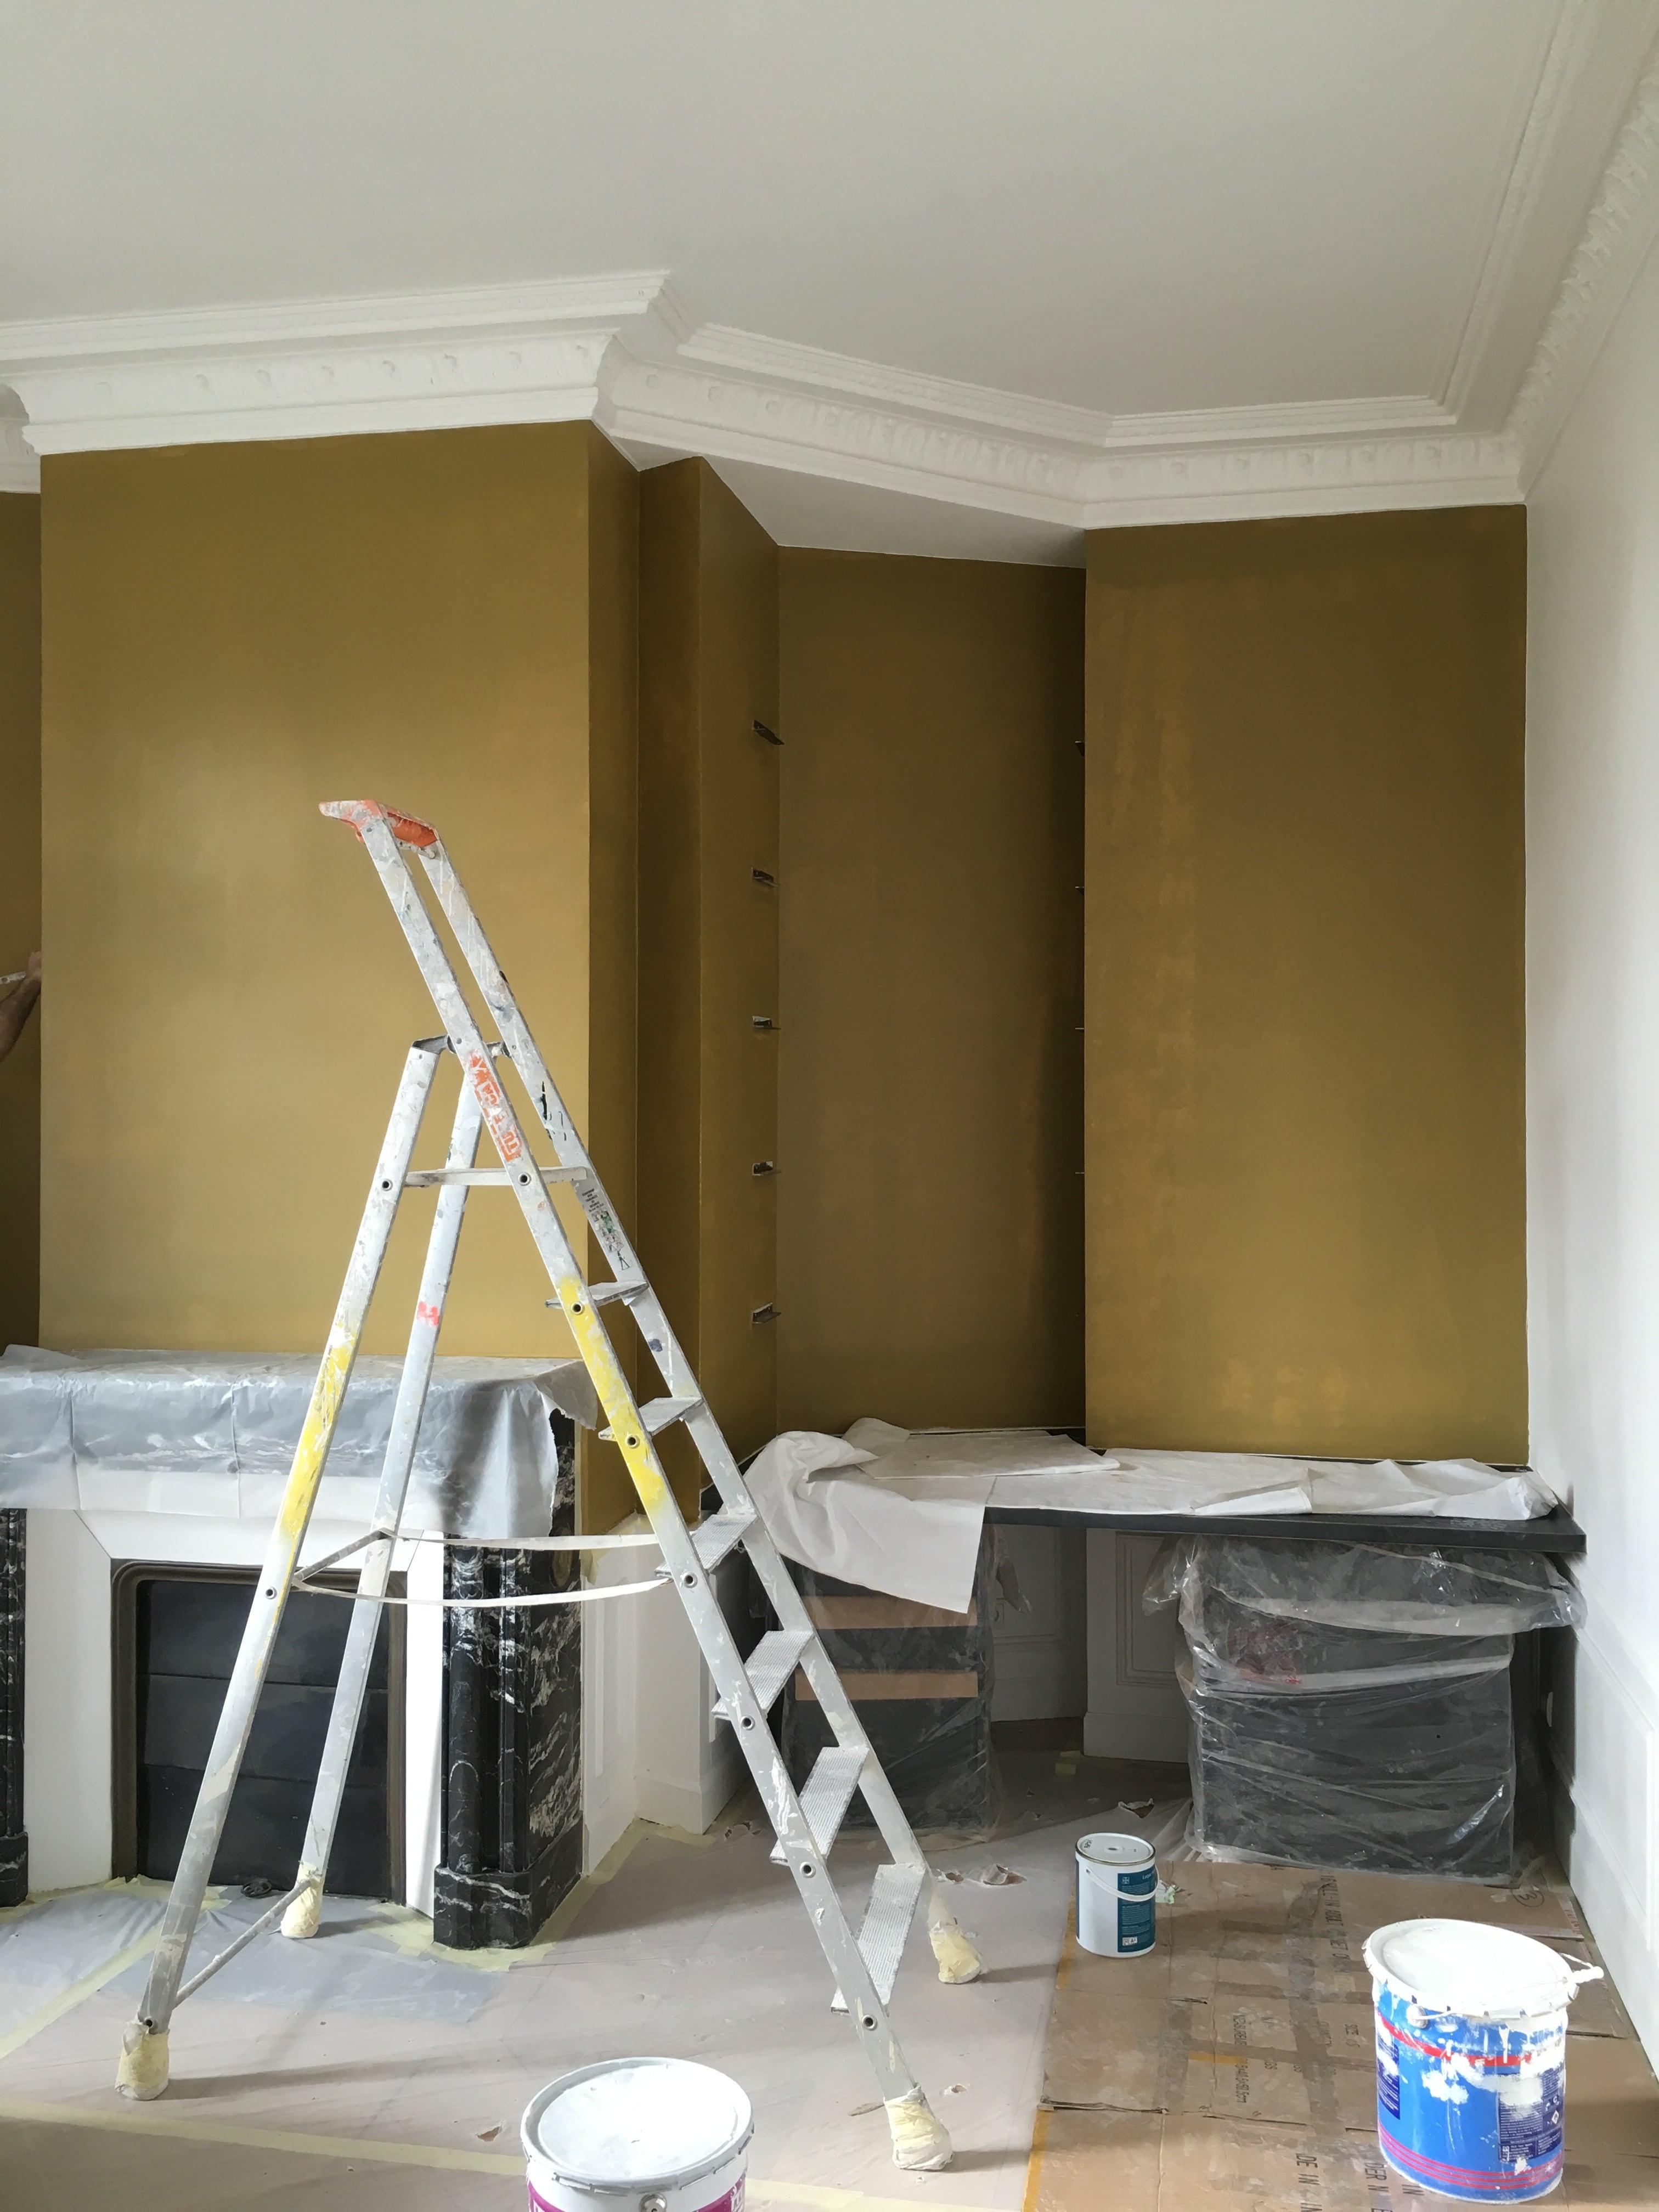 entreprise-texas-batiment-travaux-peinture-paris-maghawry-rge (3)-min